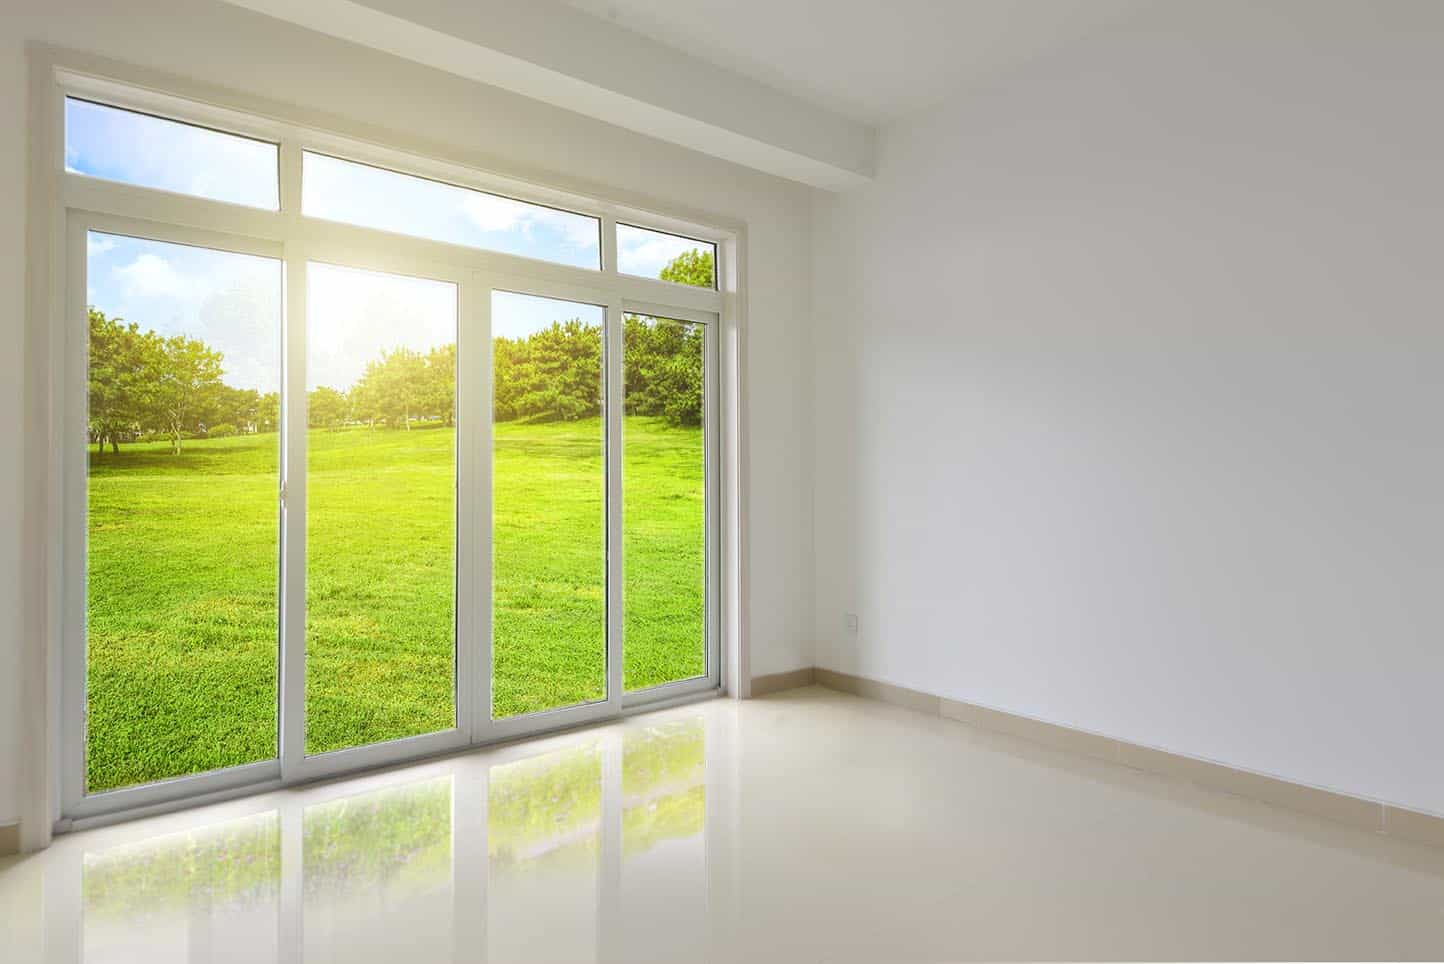 transom windows everything you need